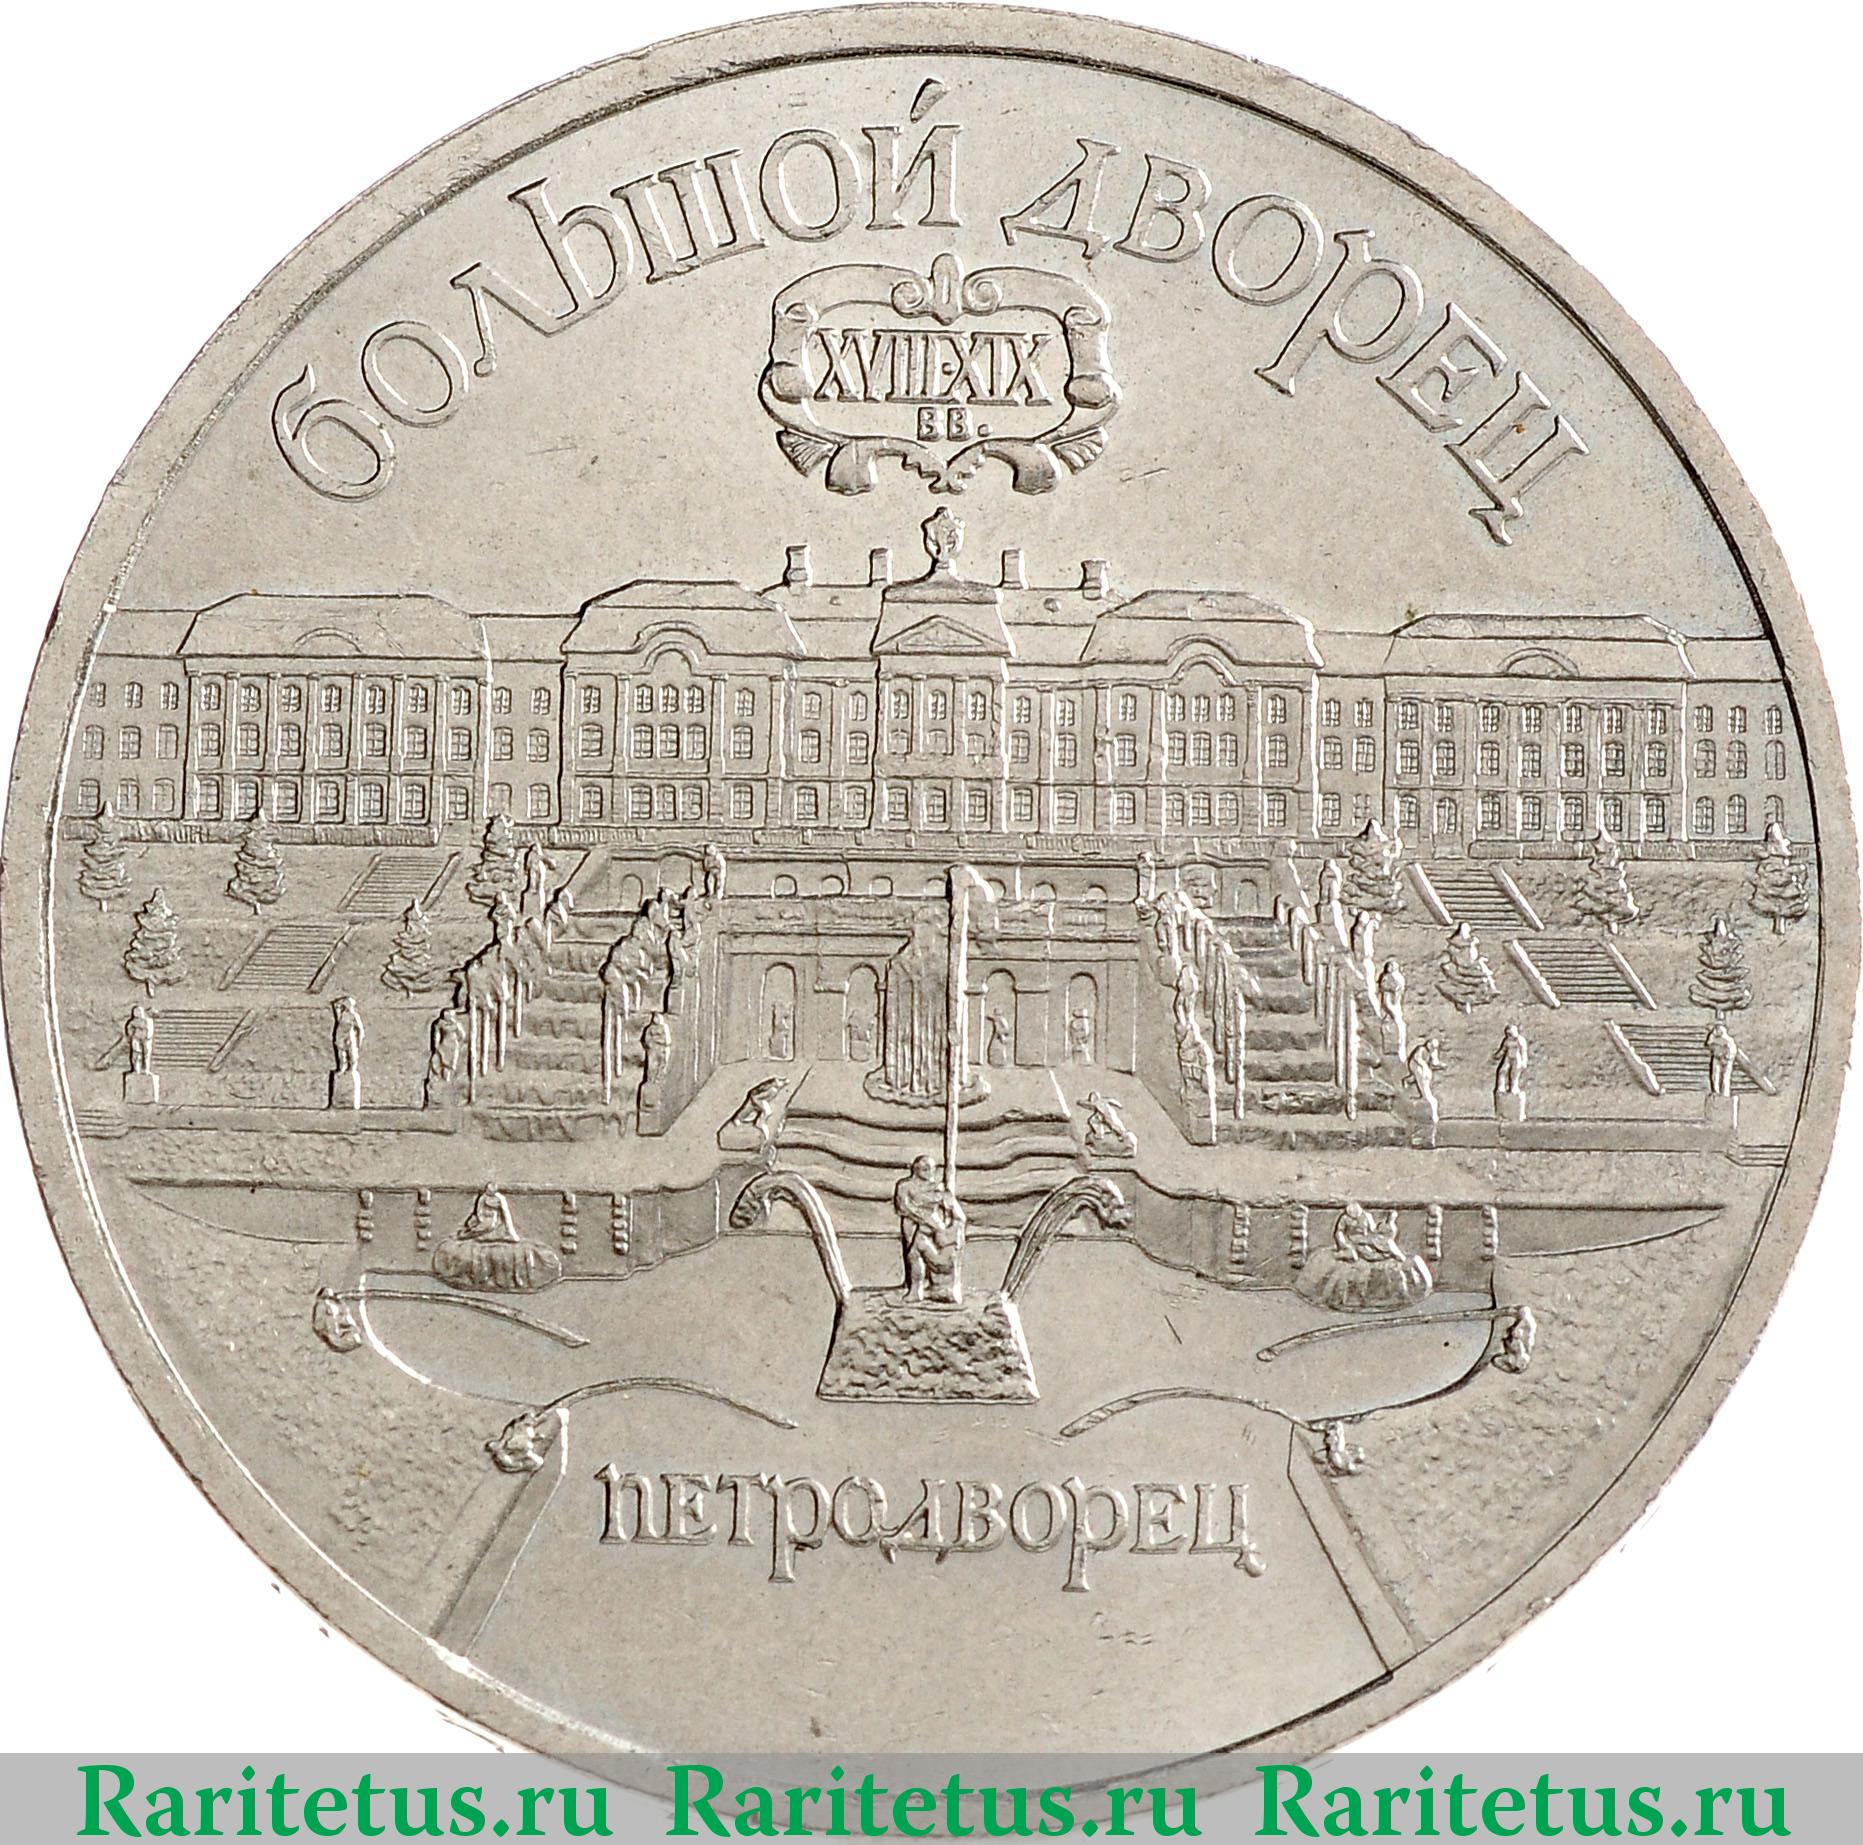 5 рублей ссср 1990 цена редкие монеты 1991 года стоимость